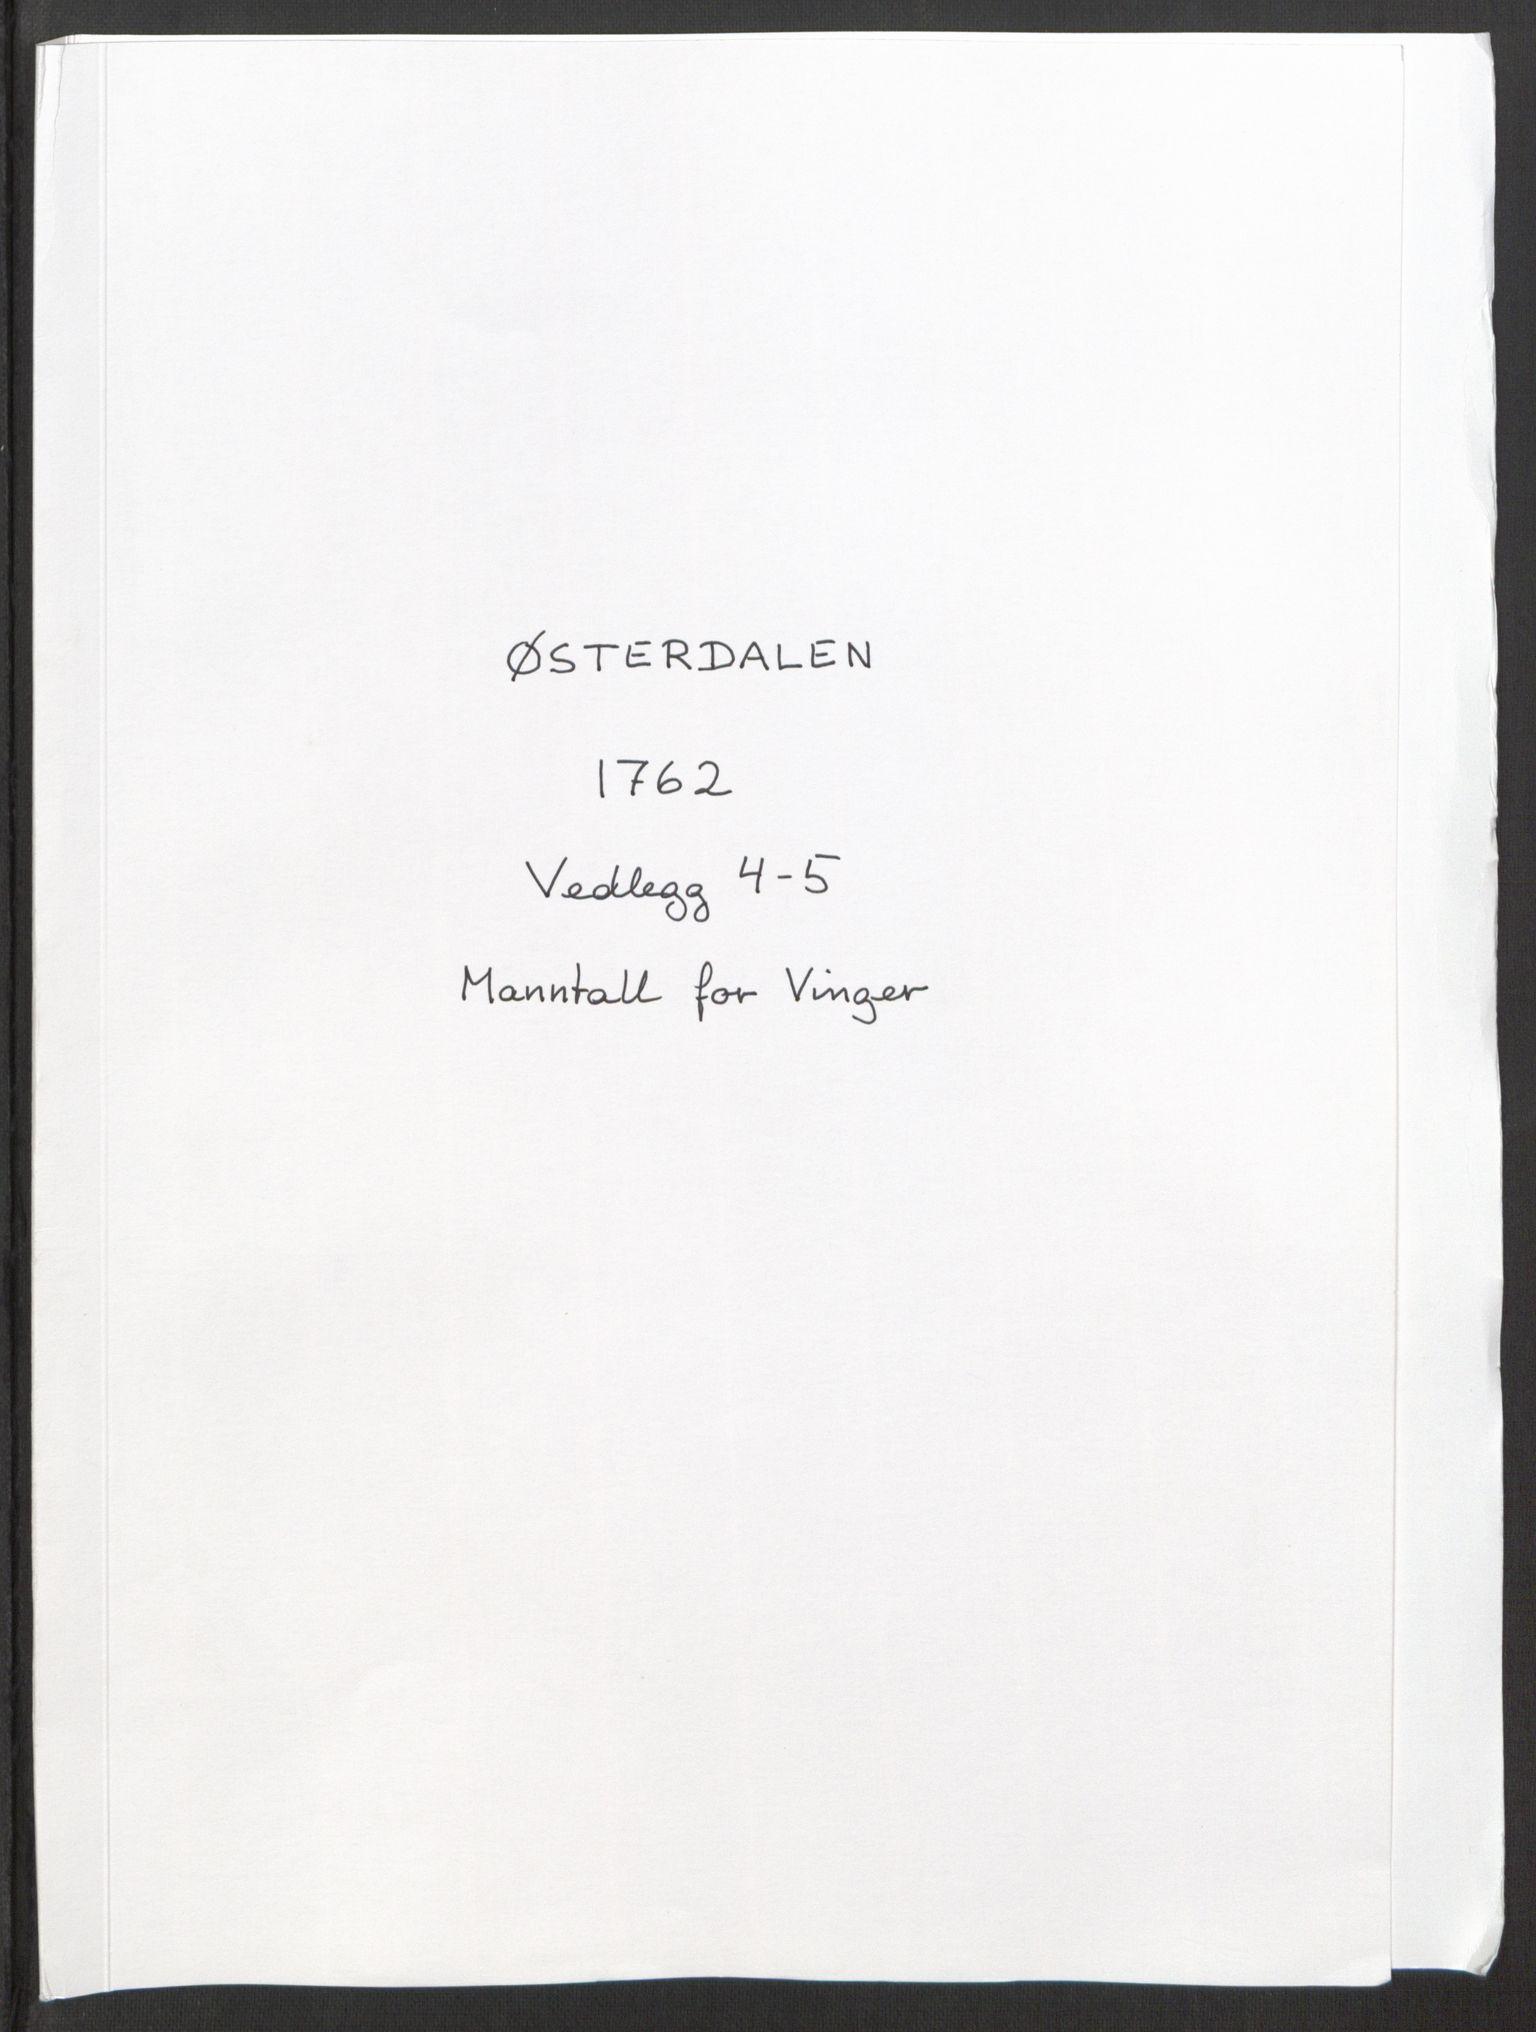 RA, Rentekammeret inntil 1814, Reviderte regnskaper, Fogderegnskap, R15/L1014: Ekstraskatten Østerdal, 1762-1764, s. 87